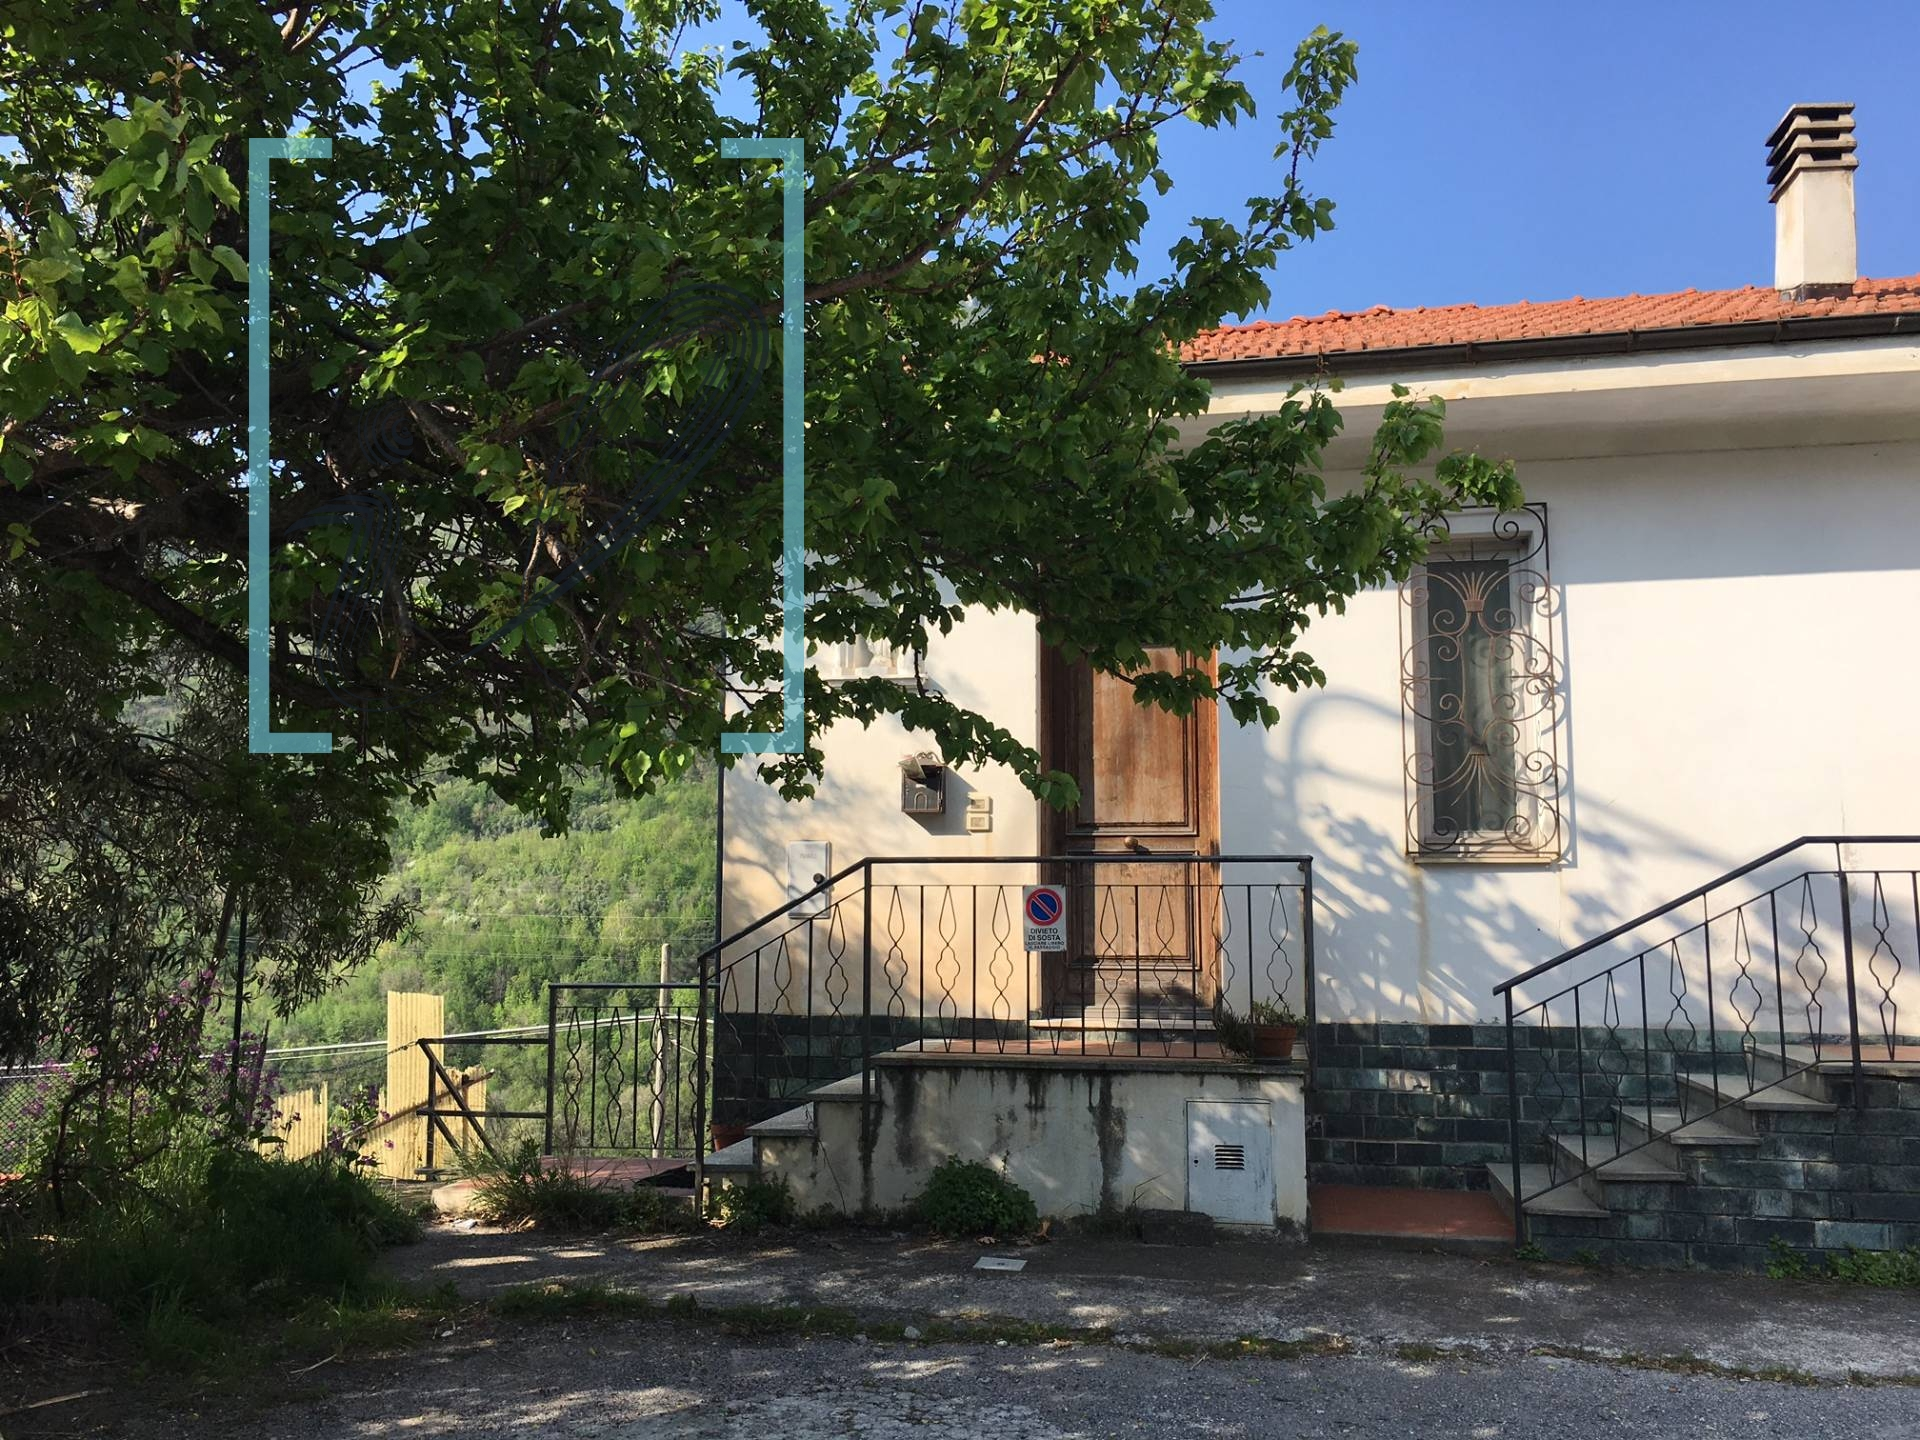 Rustico / Casale in vendita a Erli, 3 locali, prezzo € 65.000 | CambioCasa.it